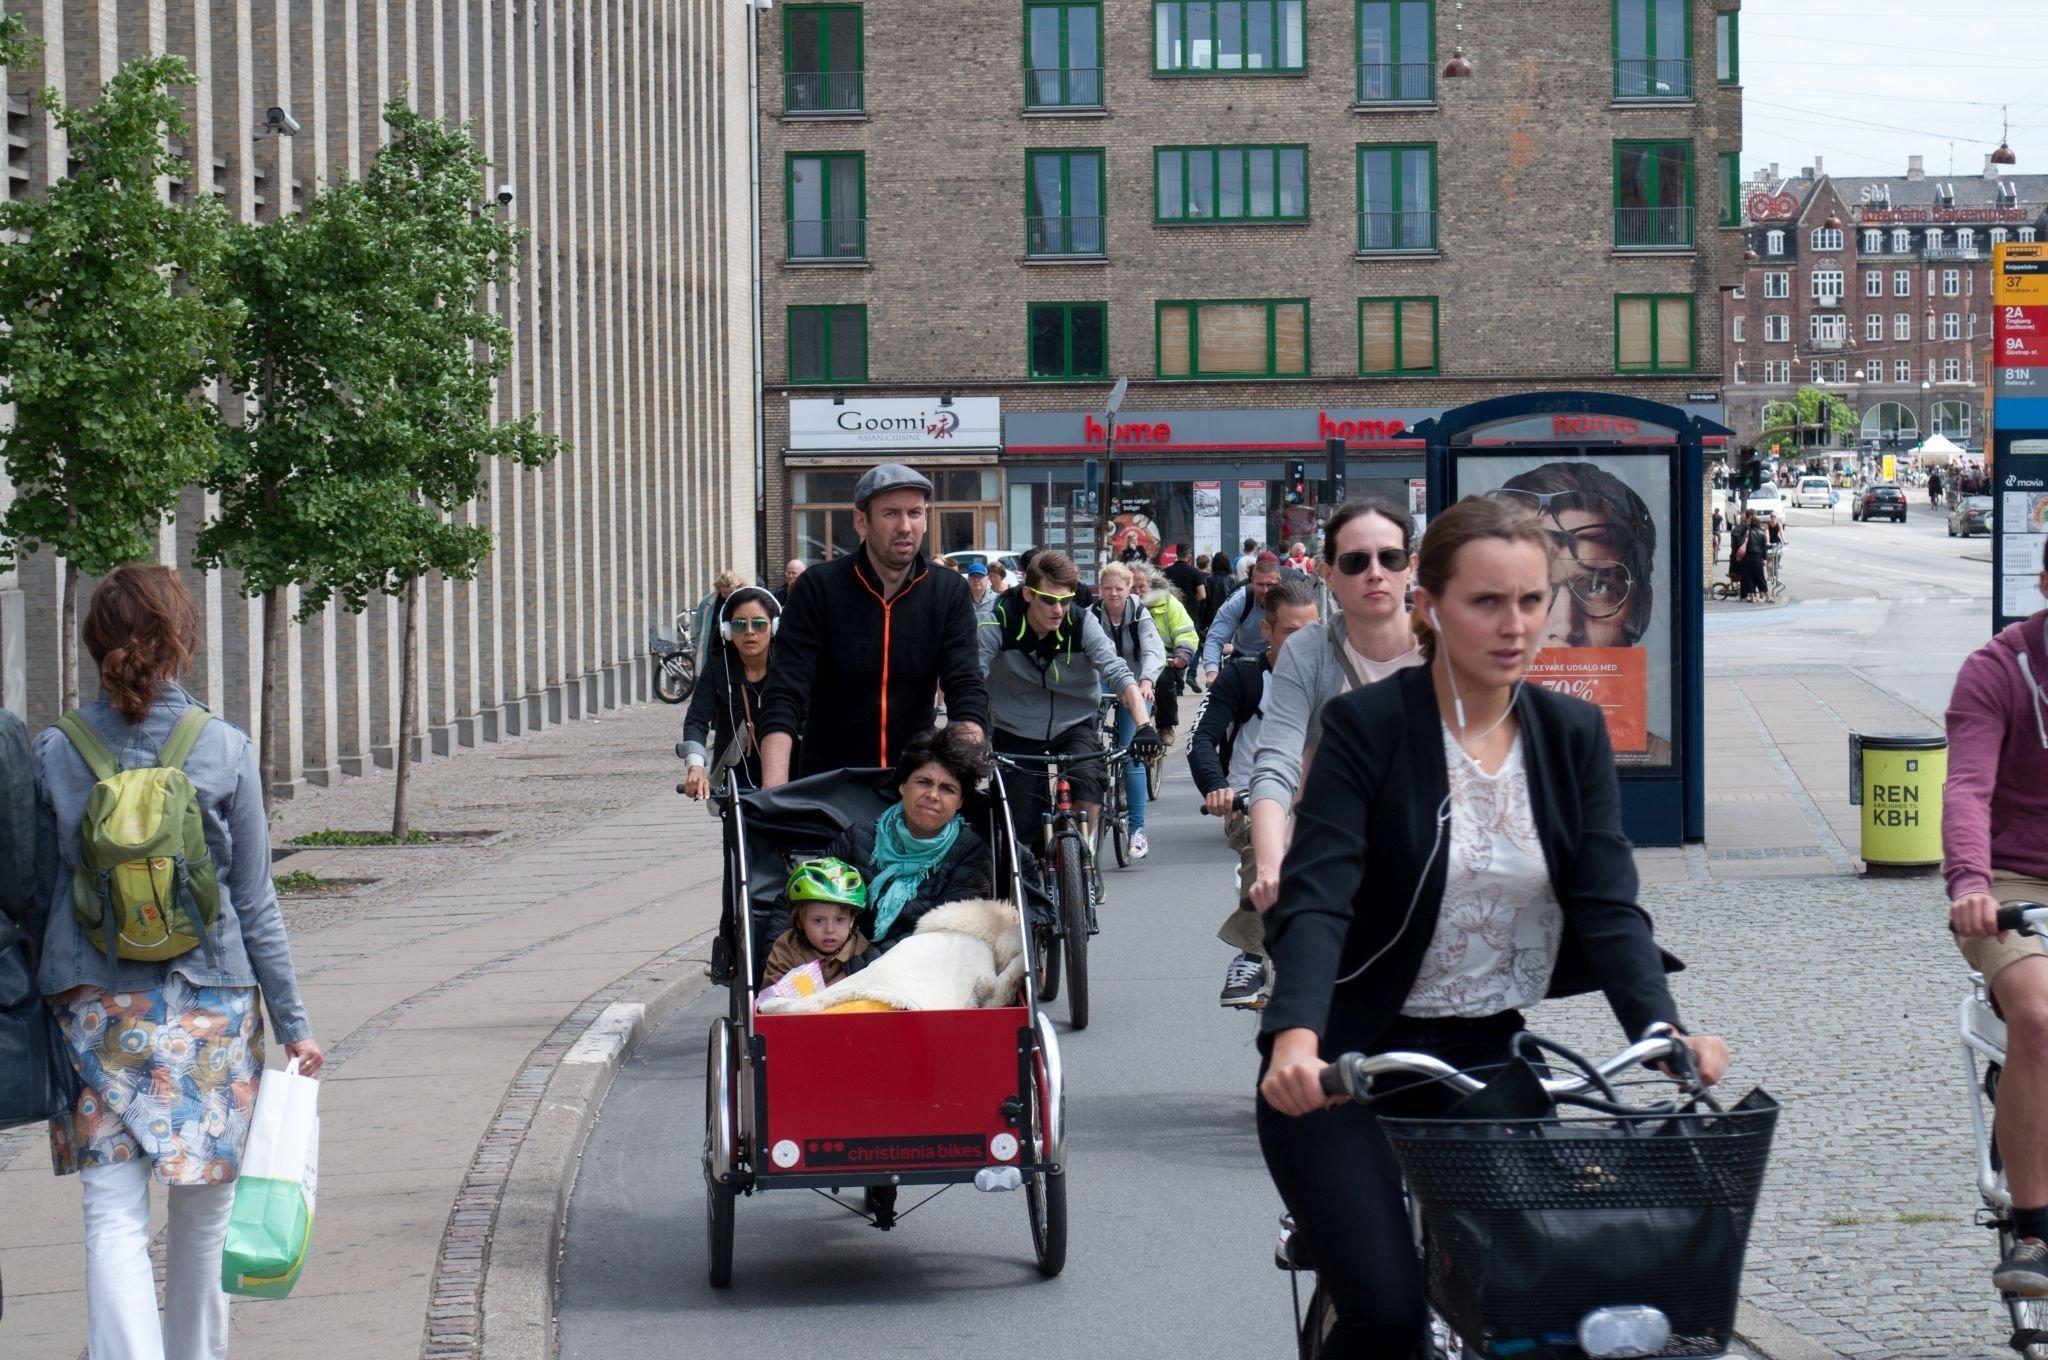 Breiter Radweg mit Lastenrädern.